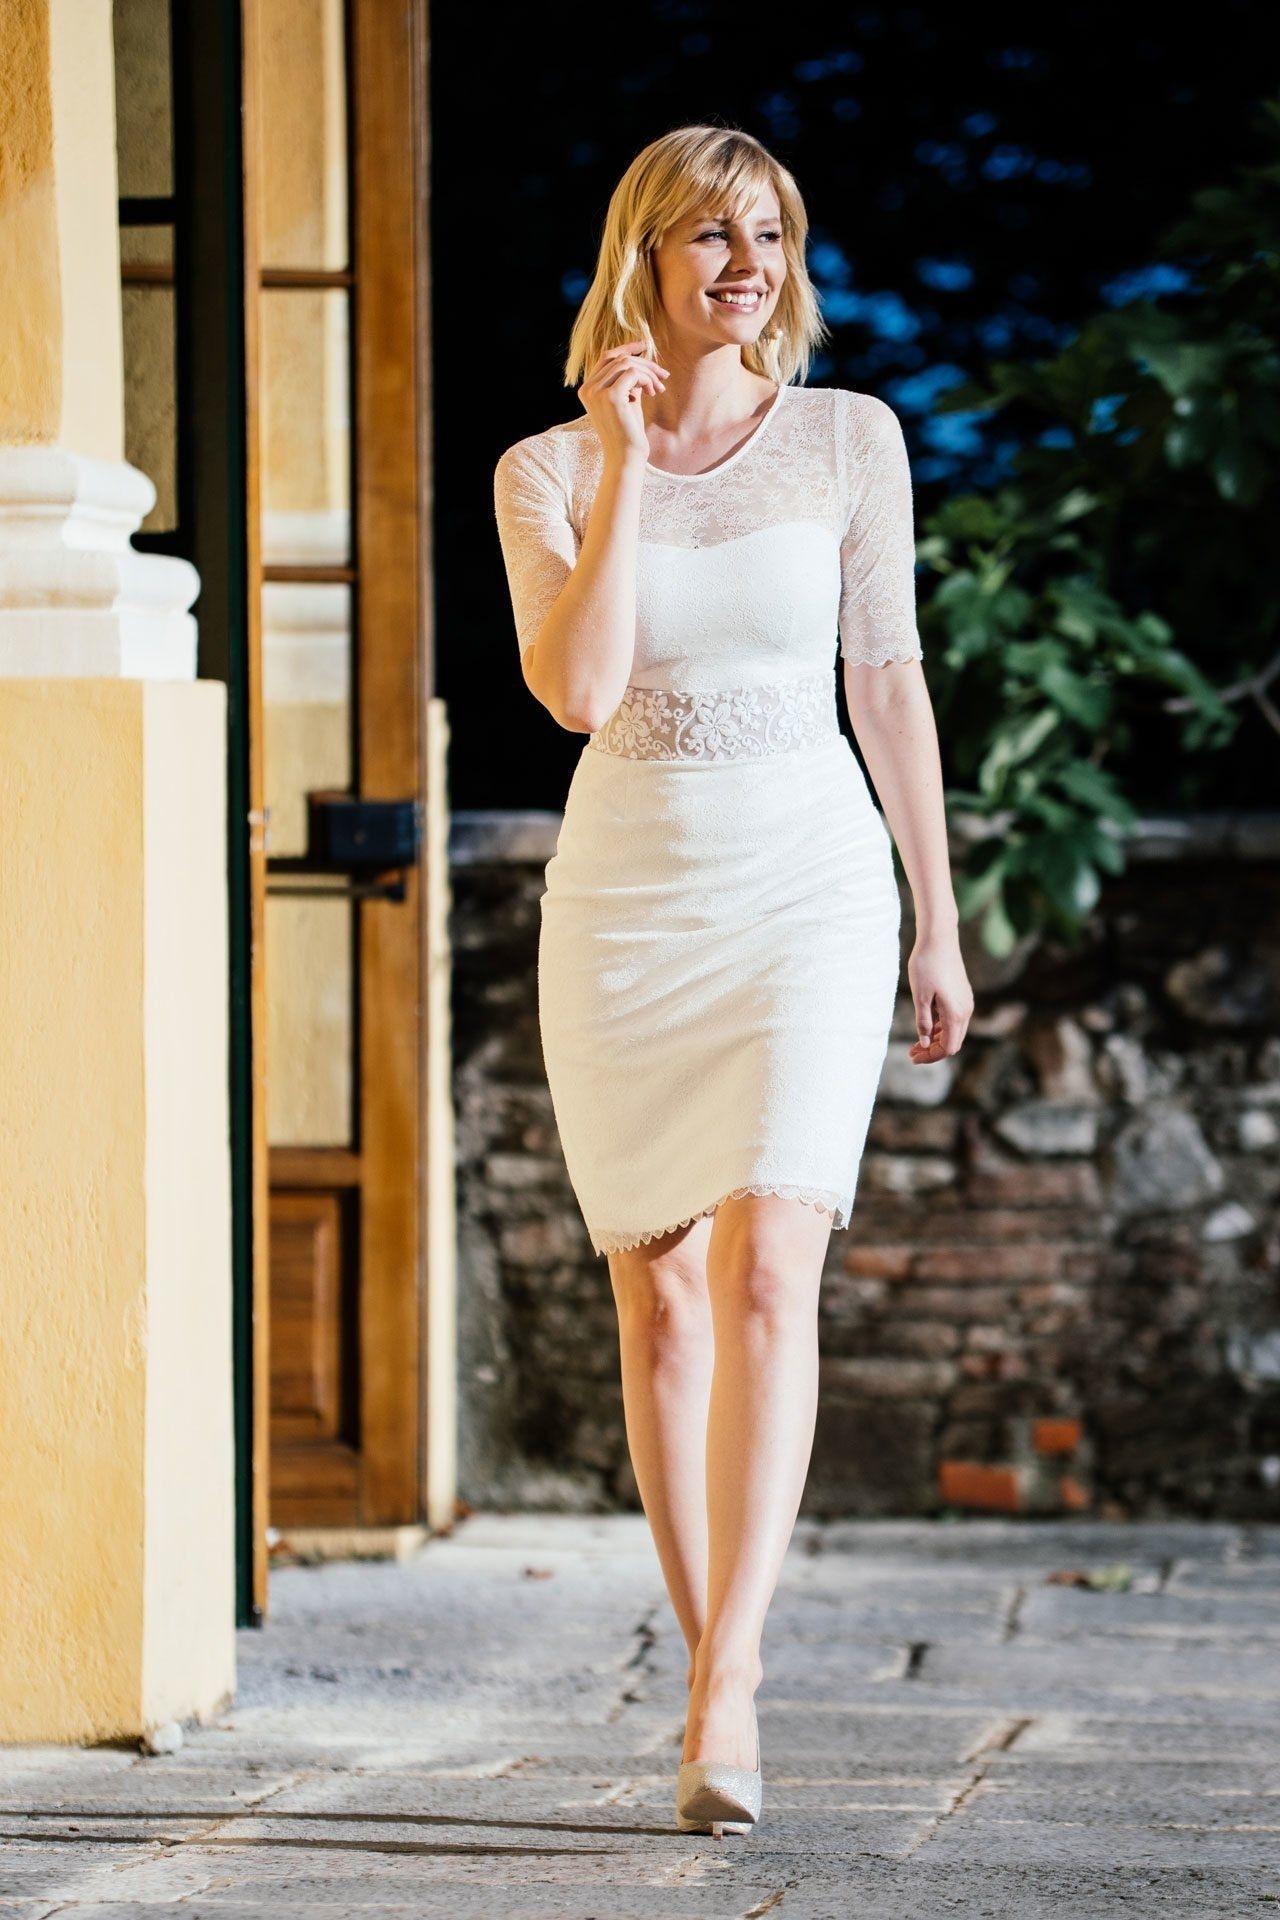 Designer Spektakulär Etuikleid Hochzeit BoutiqueFormal Spektakulär Etuikleid Hochzeit Bester Preis